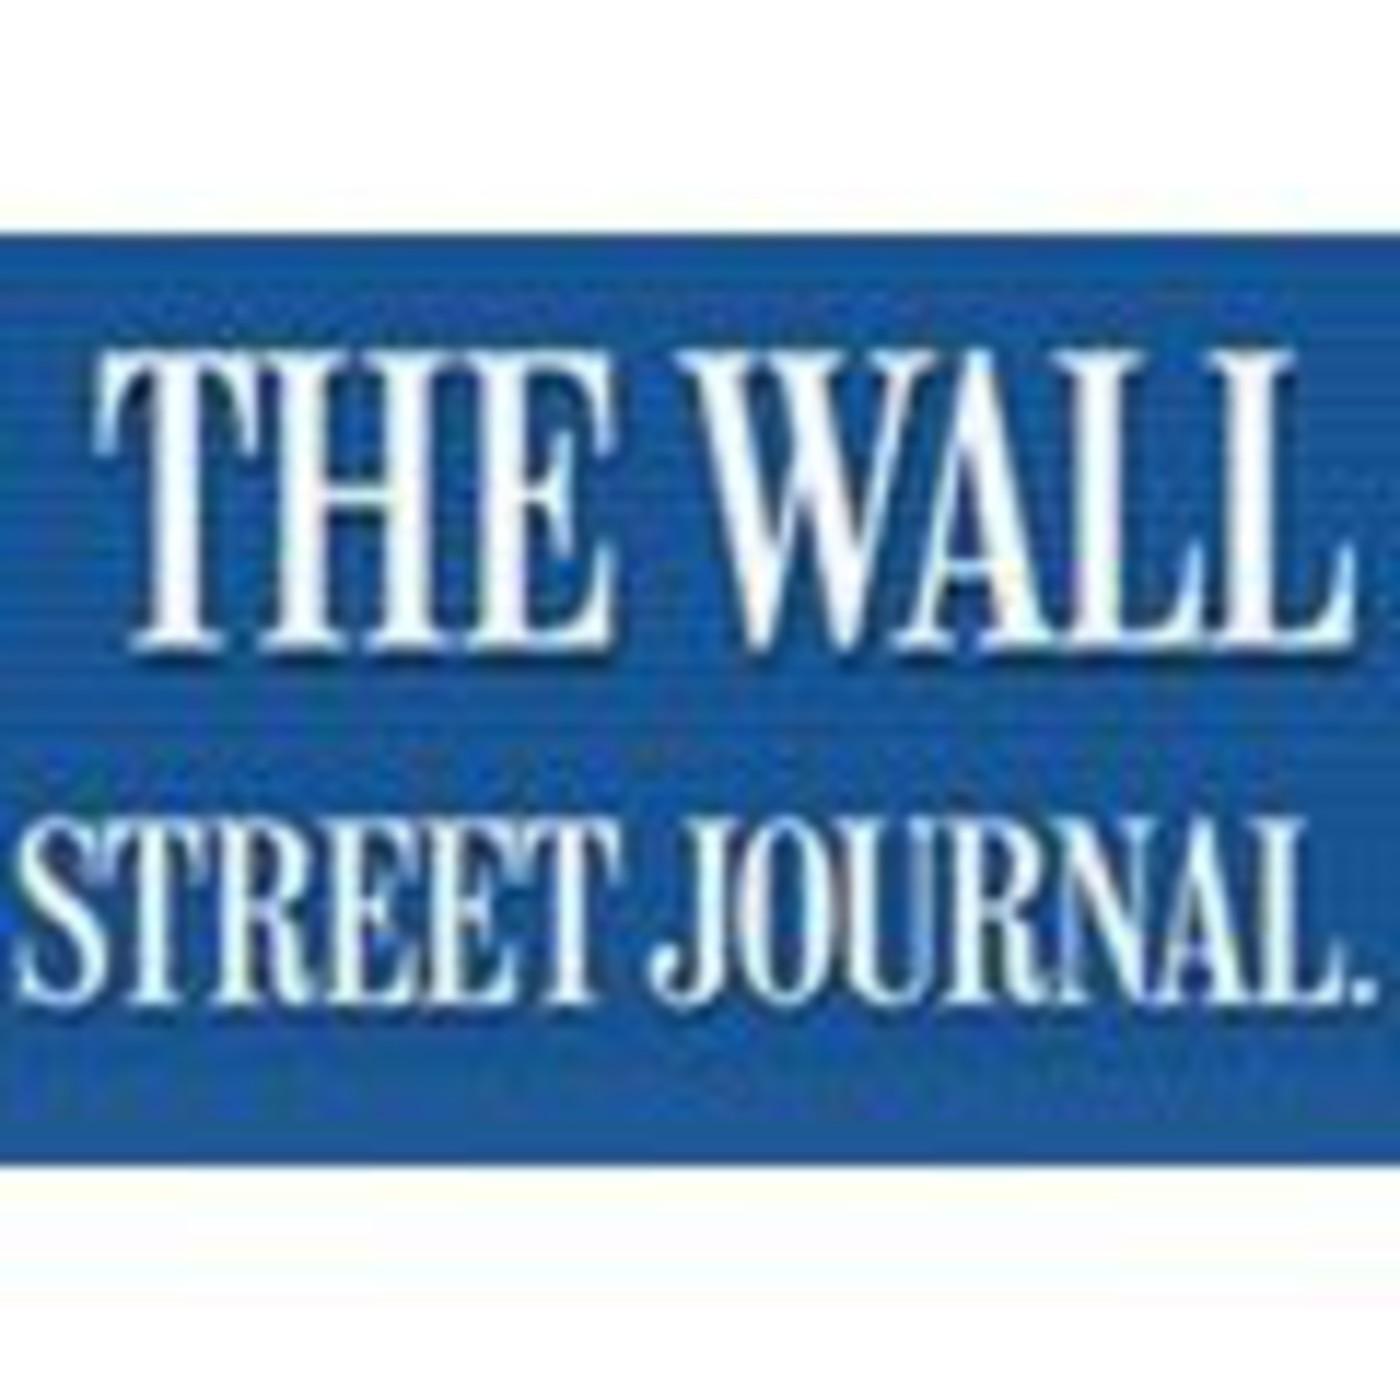 W.St.Journal